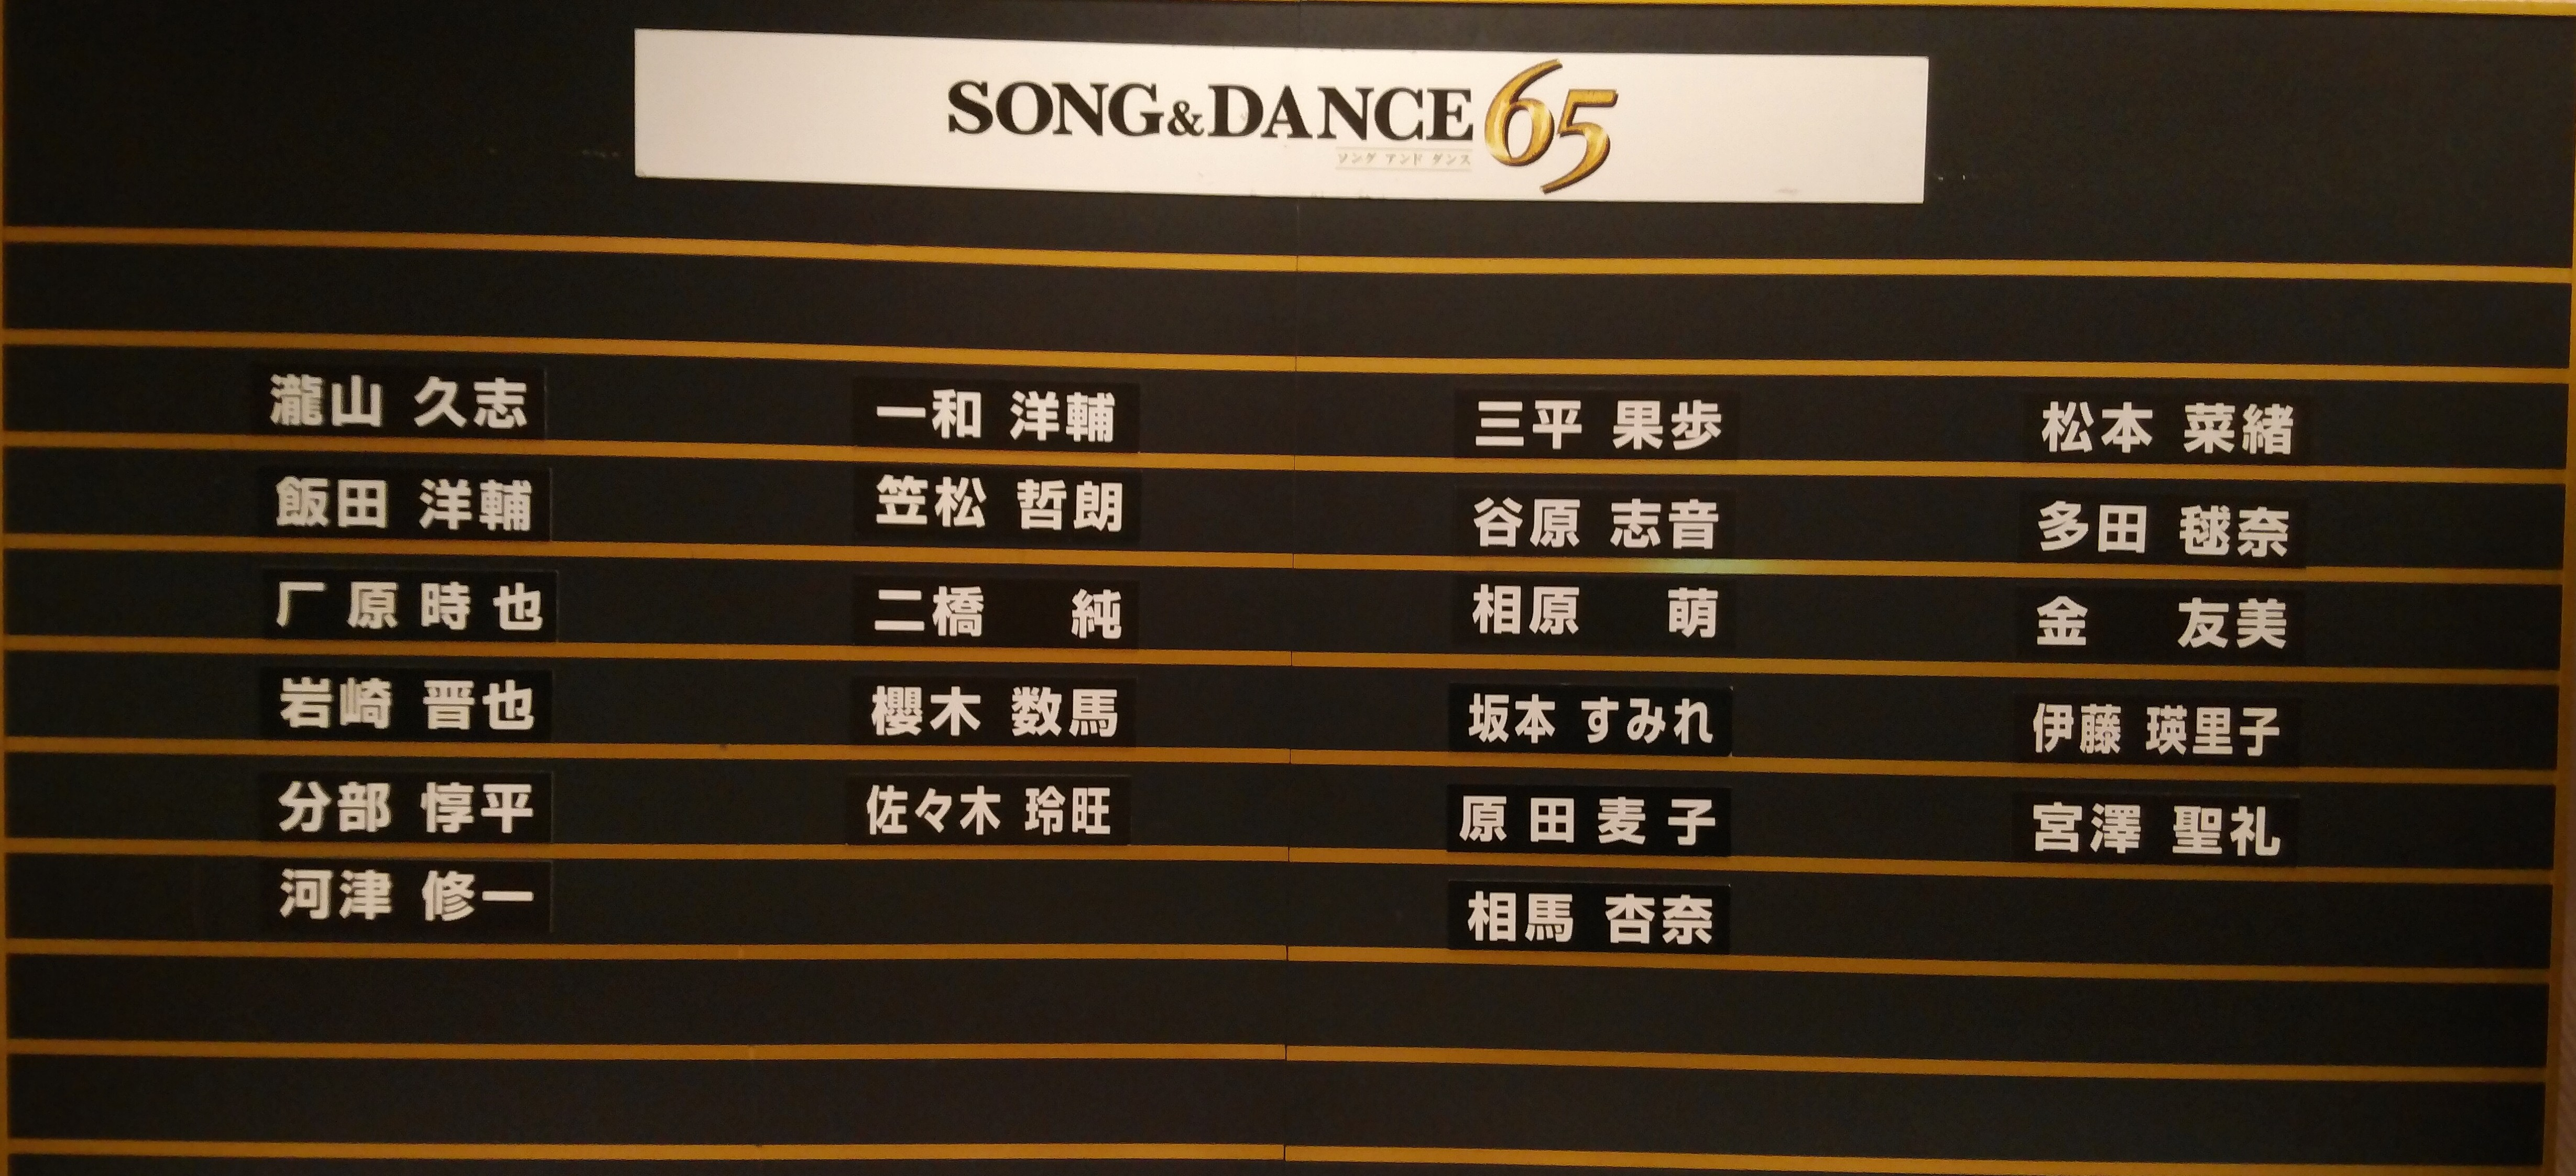 劇団四季「SONG&DANCE65」inロゼシアター